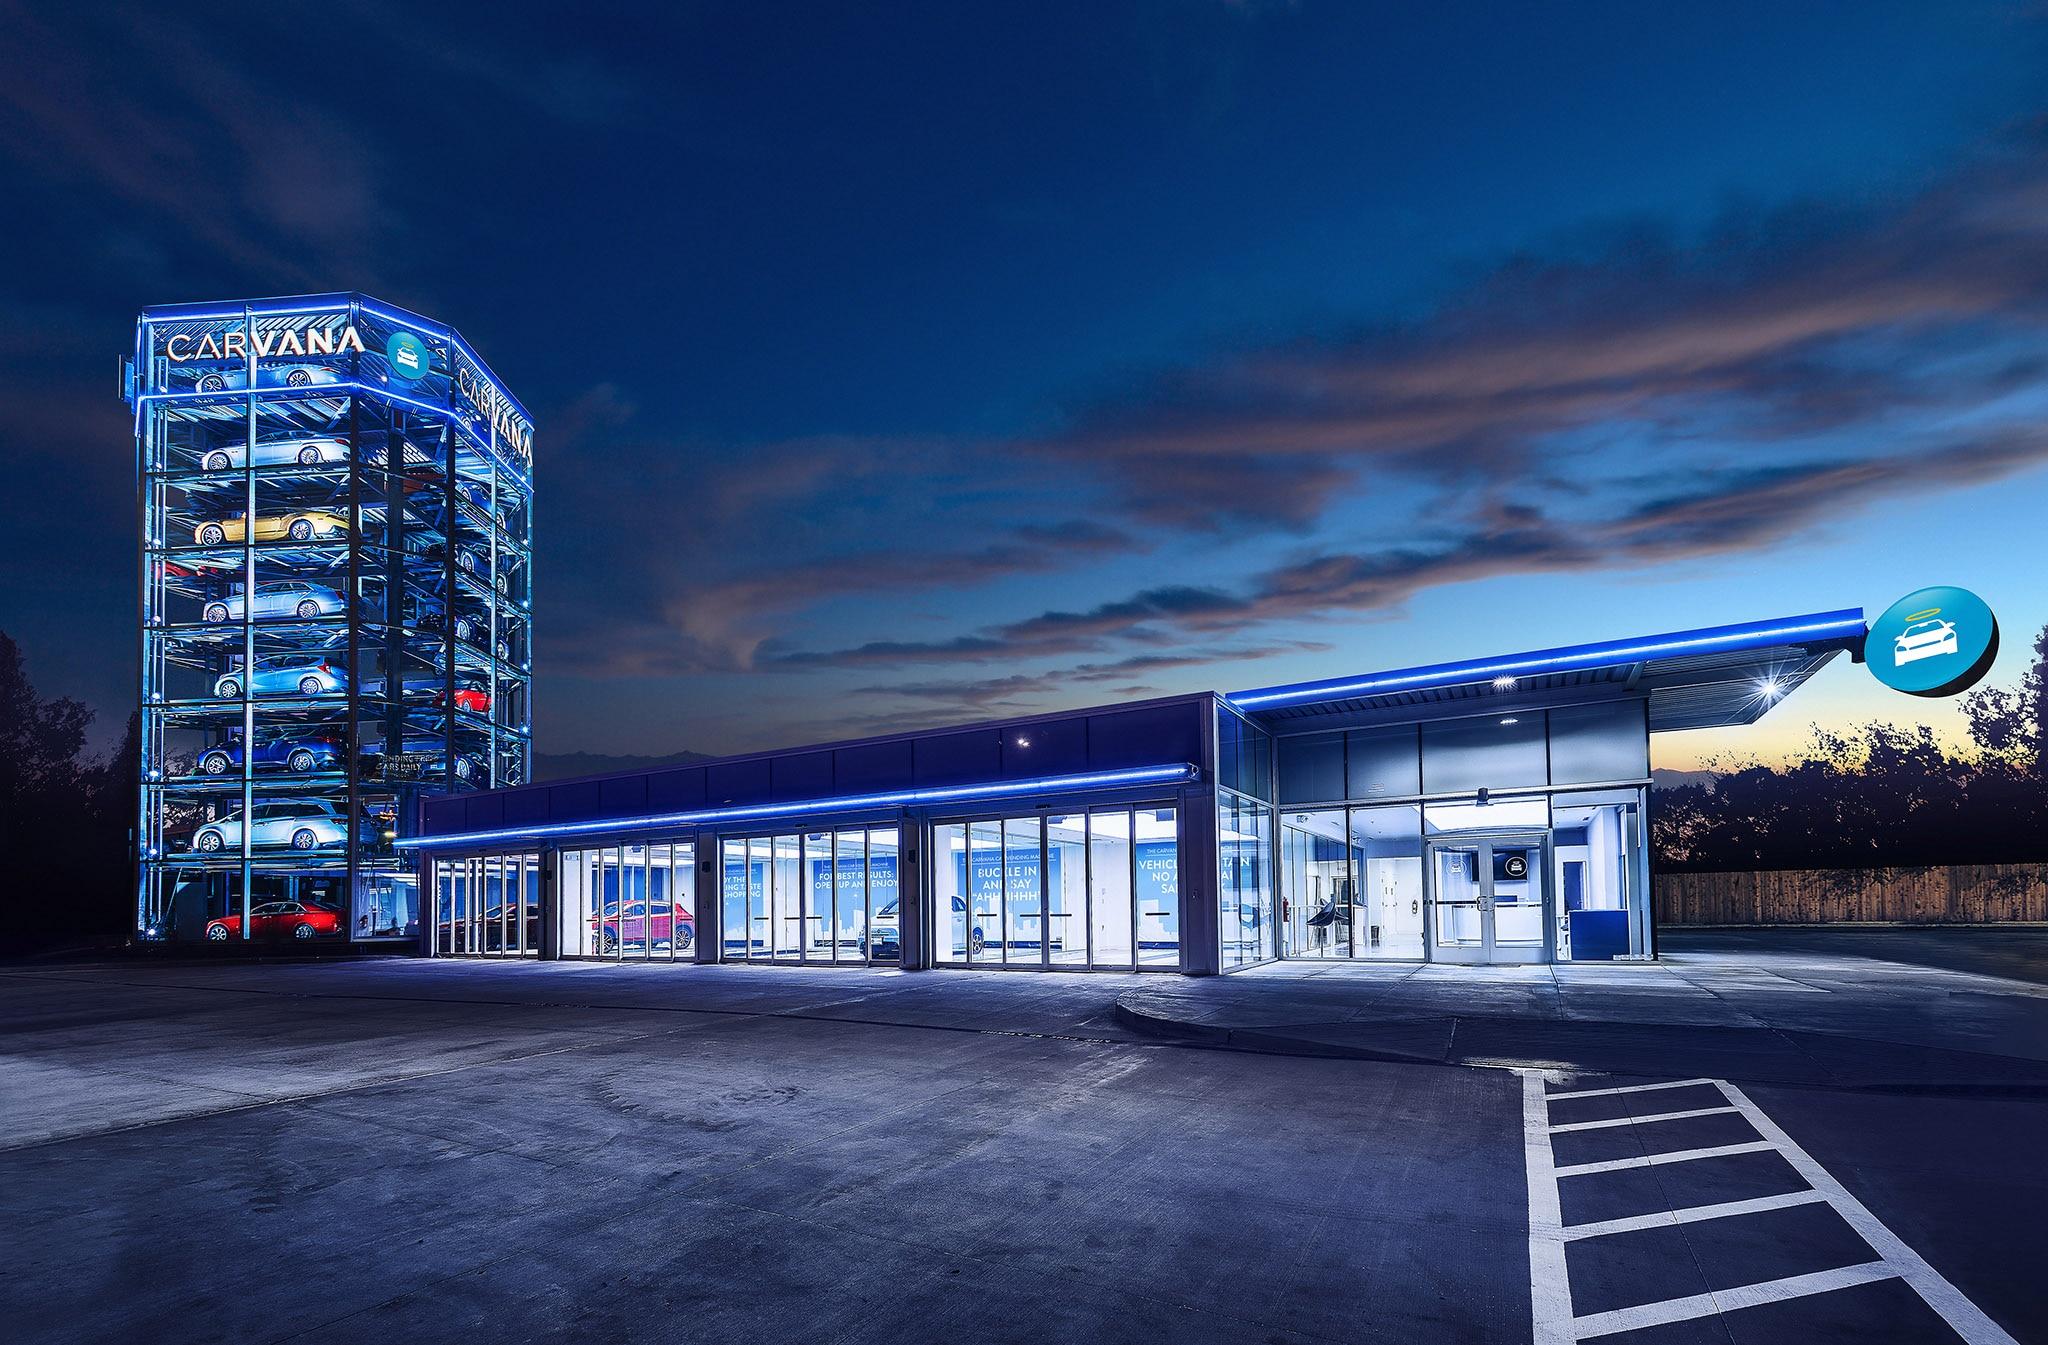 Vw San Antonio >> Gigantic Exotic Car Vending Machine Opens in Singapore | Automobile Magazine